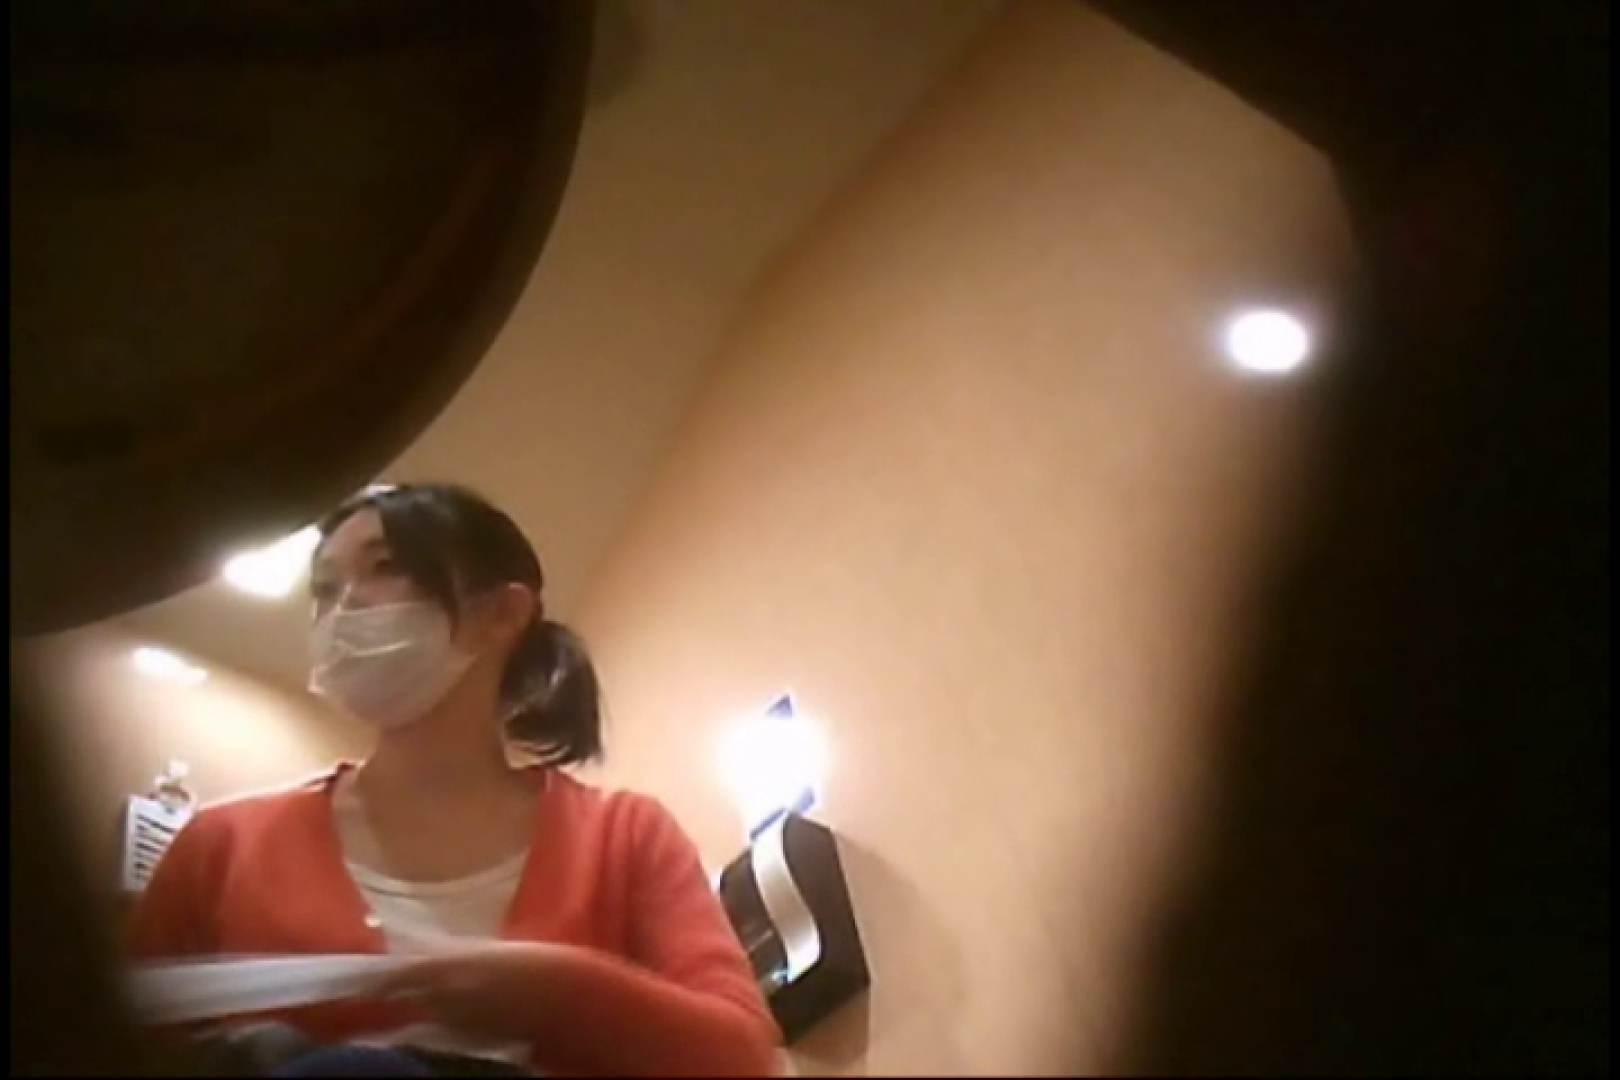 潜入!!女子化粧室盗撮~絶対見られたくない時間~vo,76 潜入 | Hな熟女  79pic 17